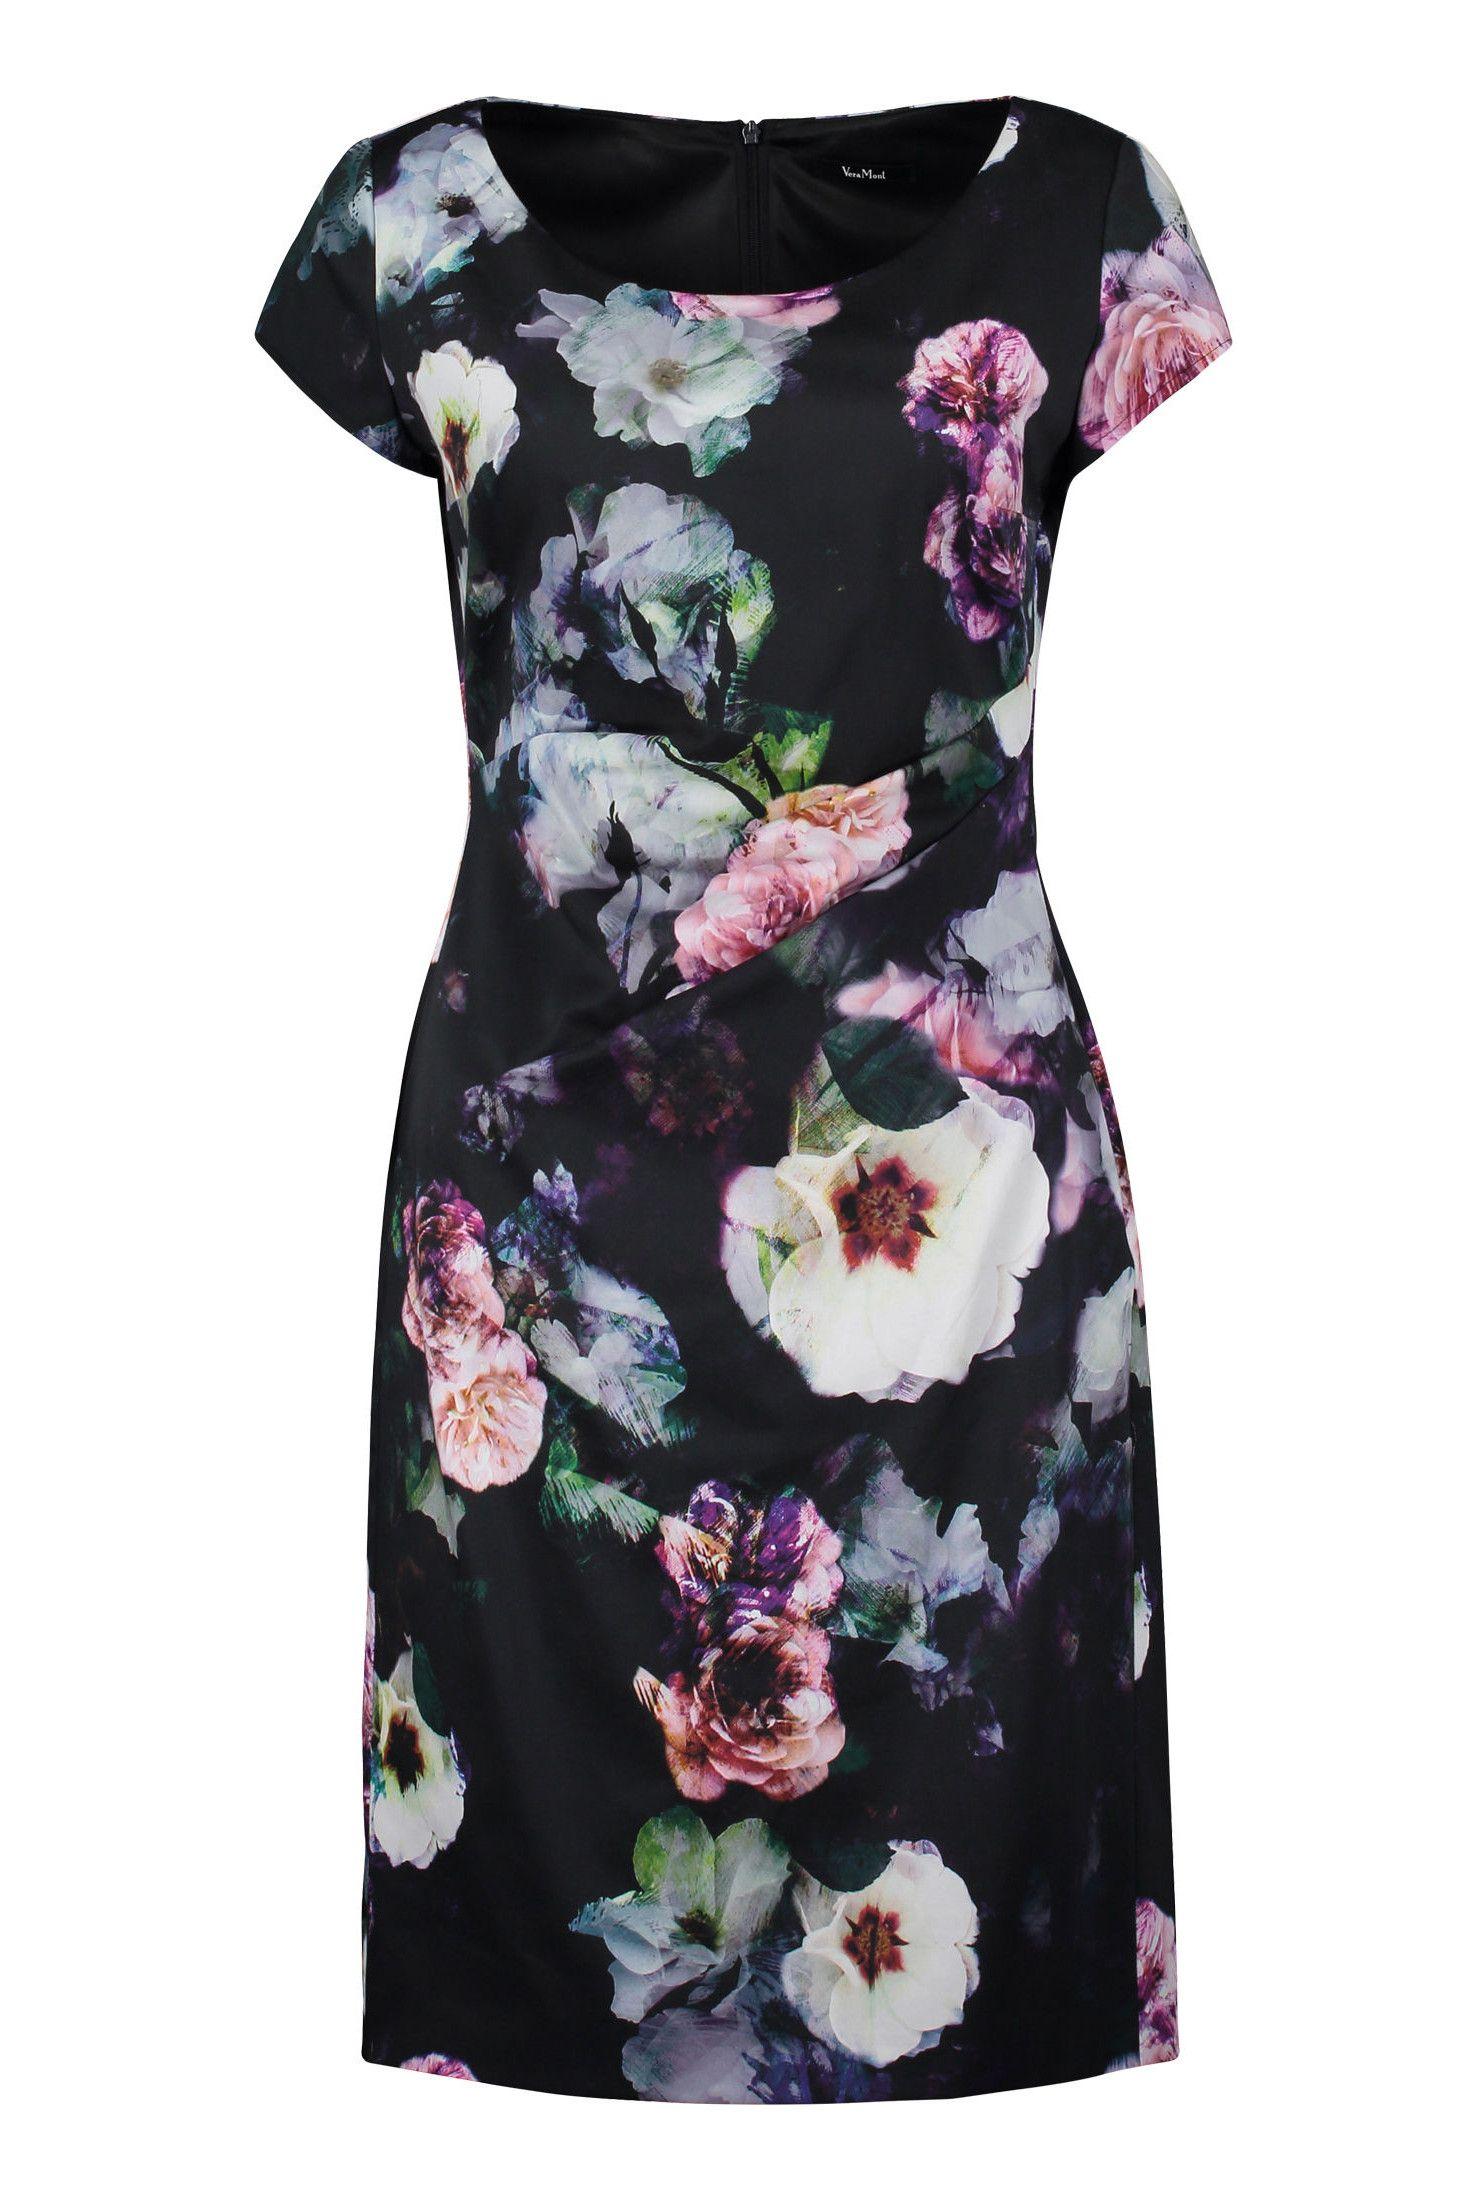 Kleid Baumwollsatin Blütenprint Vera Mont  Mode Bösckens